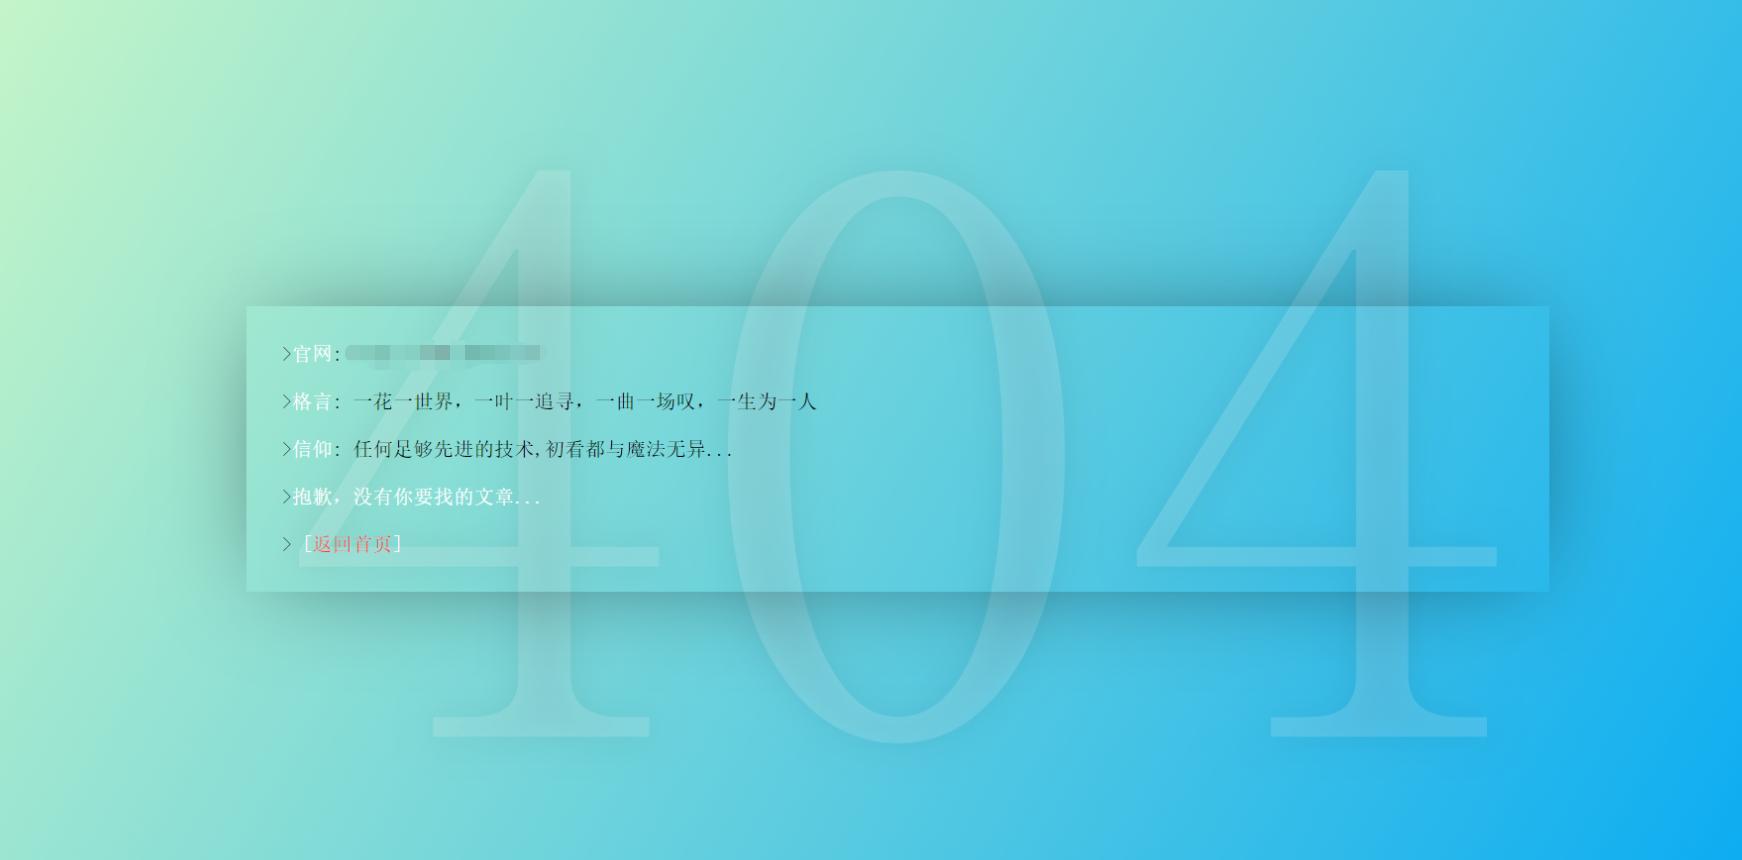 【emlog代码】漂亮的404页面代码